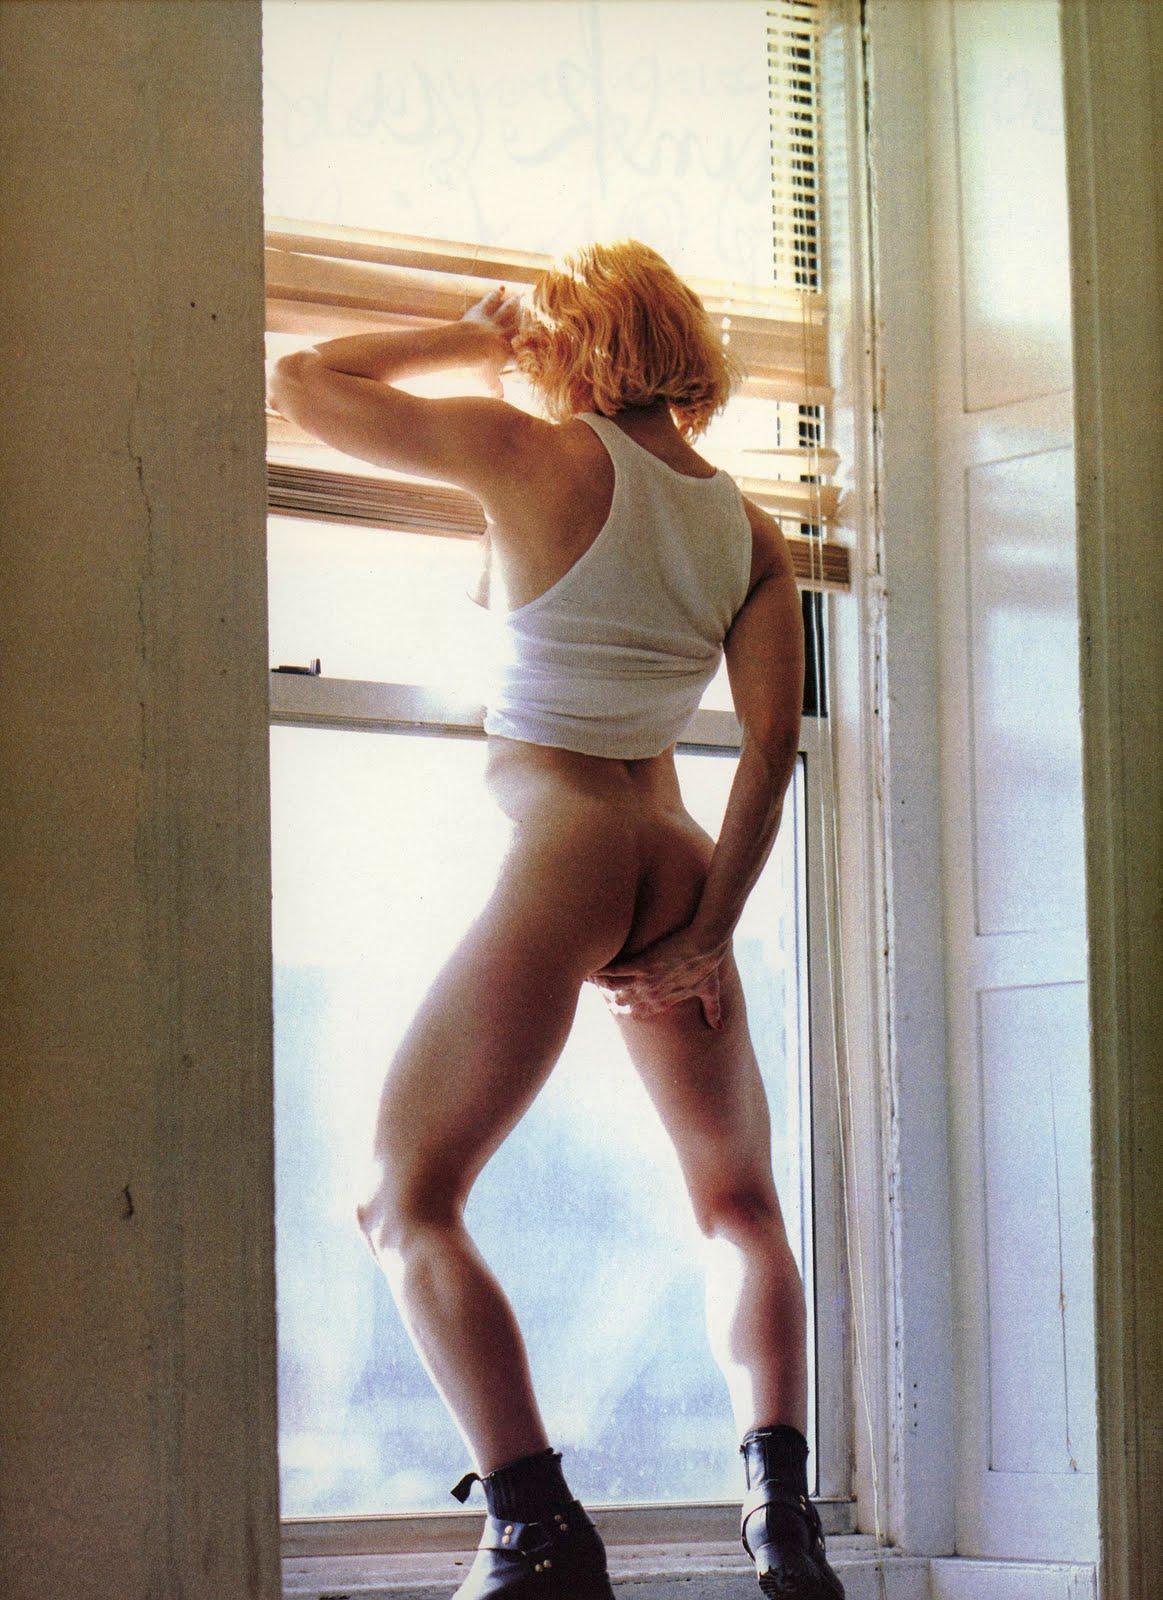 http://3.bp.blogspot.com/-AwyIcCk-pzg/ThLjH3fPfNI/AAAAAAAAN5o/rzK8QKJ3sVM/s1600/madonna+sex+queen+pop.jpg